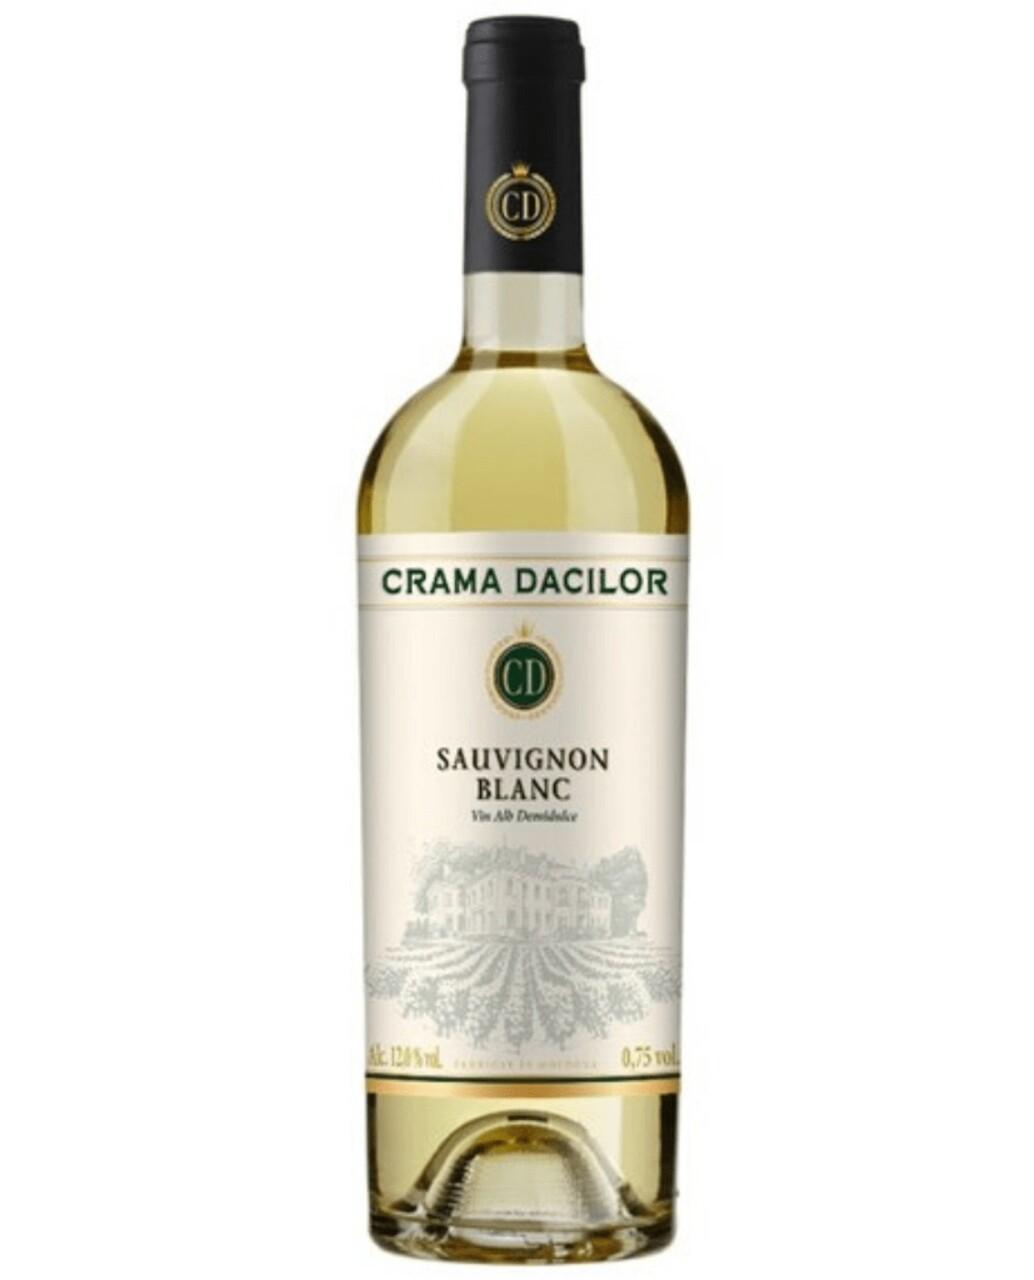 Crama Dacilor Sauvignon Blanc